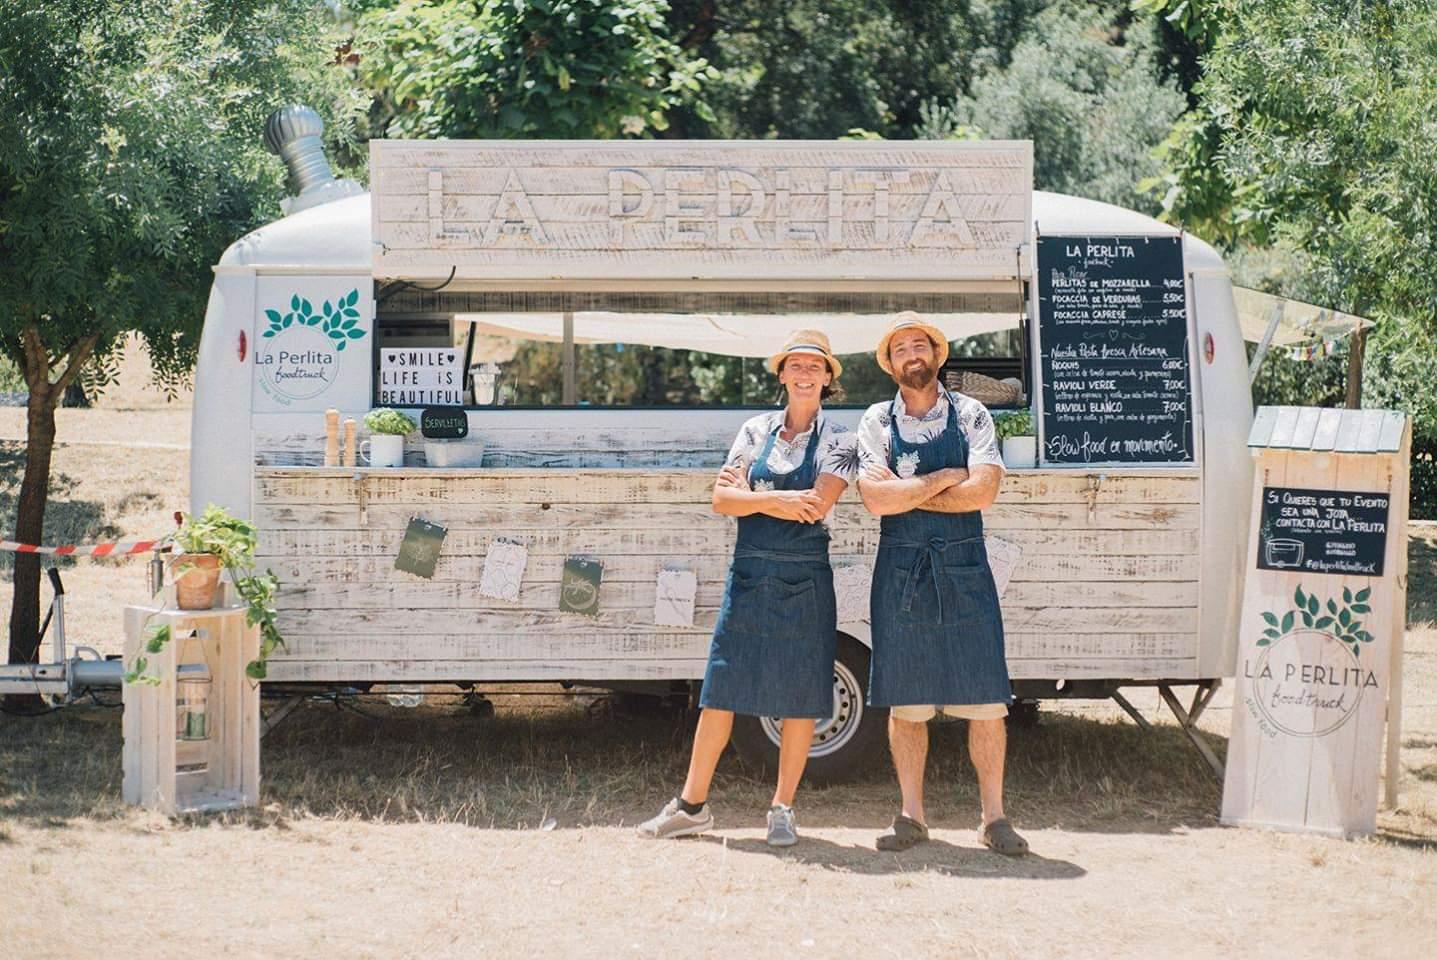 Pinos Puente acoge este fin de semana un encuentro de Food Trucks